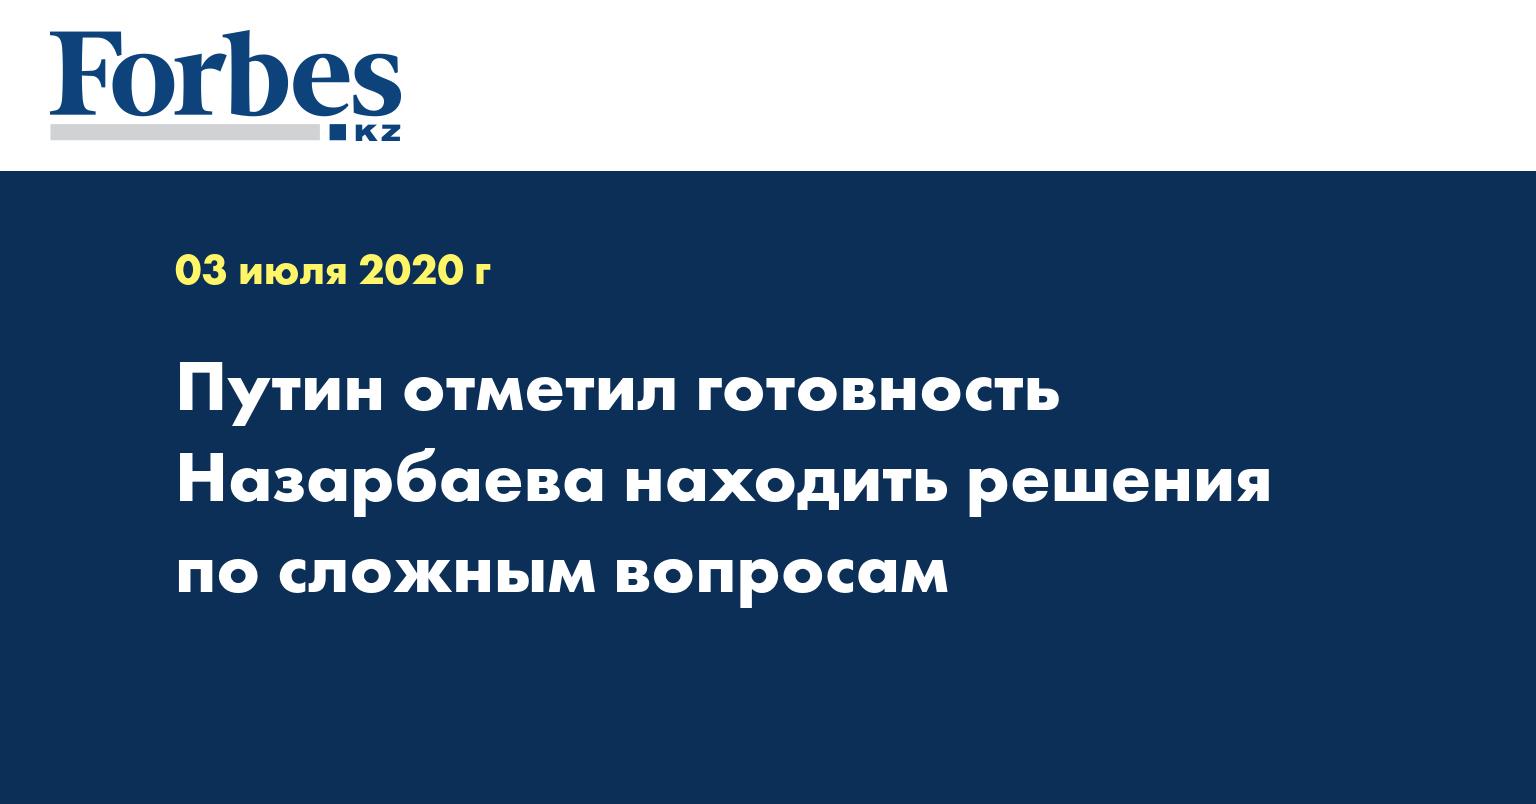 Путин отметил готовность Назарбаева находить решения по сложным вопросам